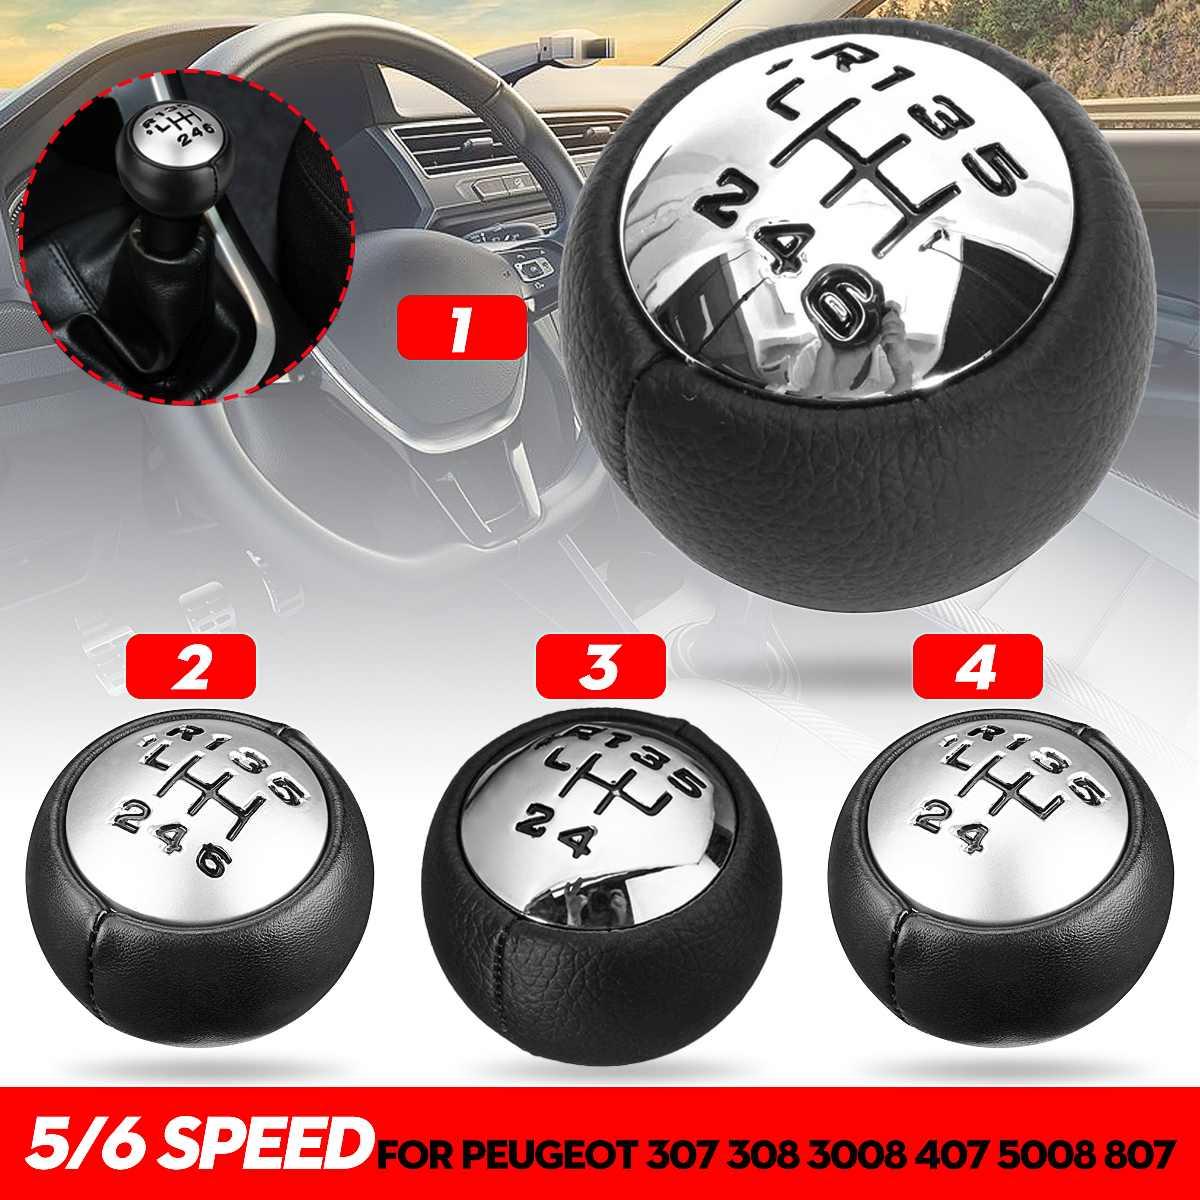 5/6 скоростная ручная рукоятка для рычага переключения передач ручной шариковый адаптер Хром Матовый для Peugeot 307 308 3008 407 5008 807